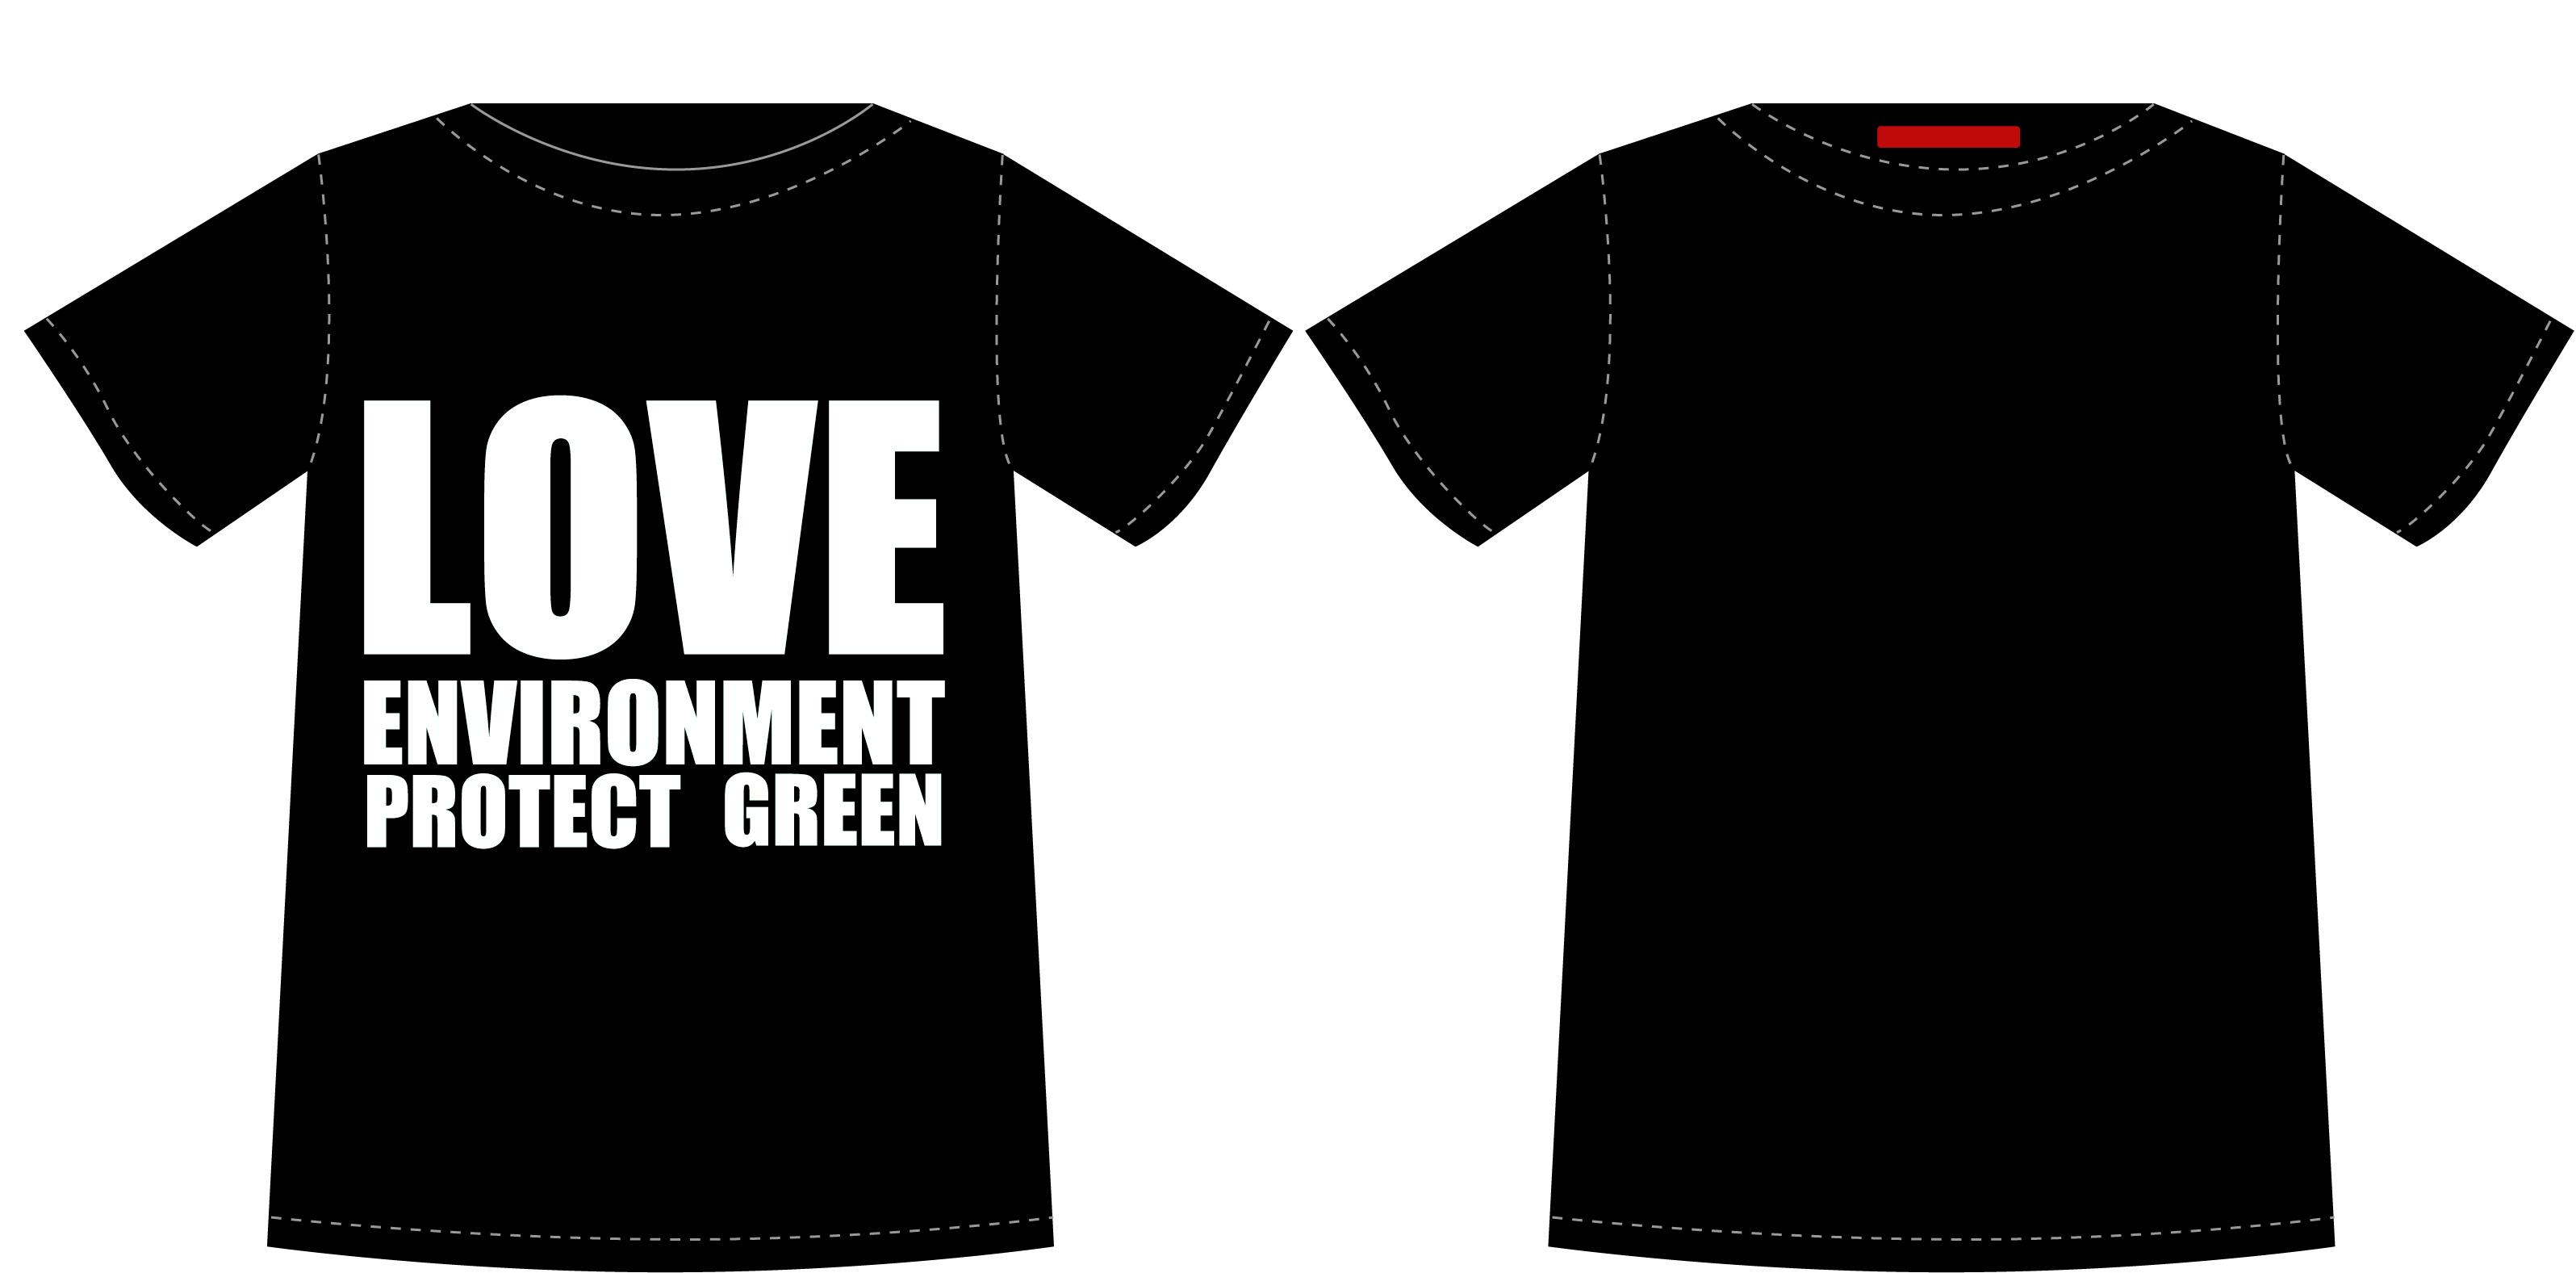 衣�:e�:d�:d�Z螊8_t恤 t恤 服装 衣服 运动衣 3192_1577